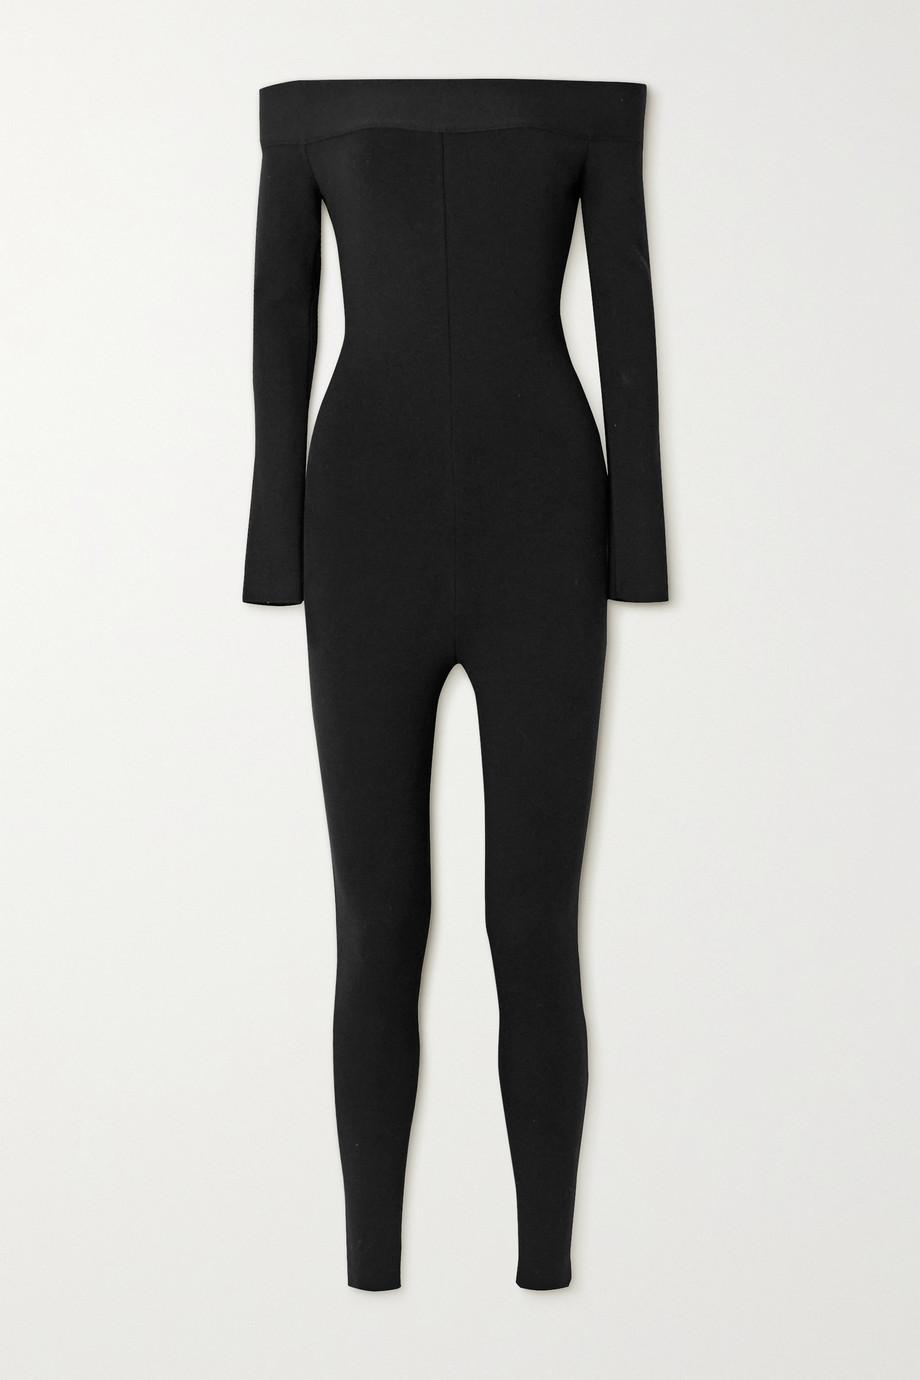 Alaïa Combi-pantalon épaules nues en mailles stretch